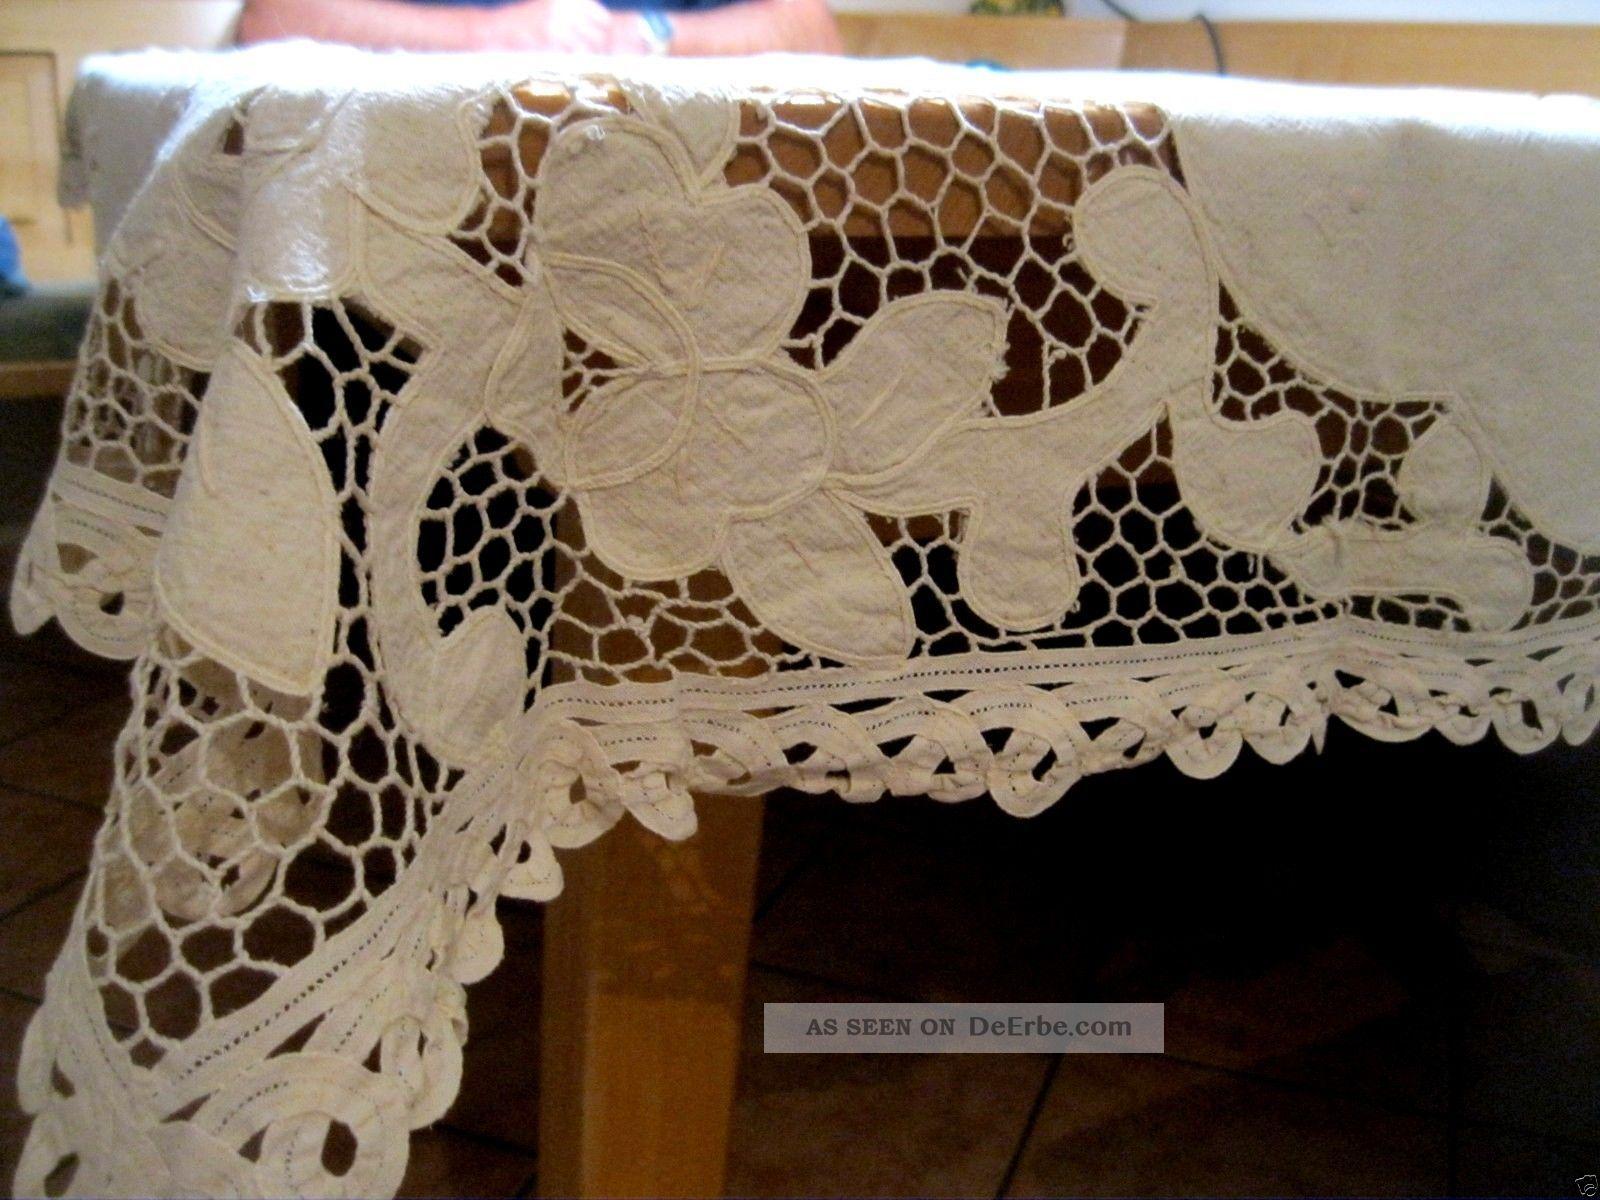 Alte Tischdecke Mit Klöppelspitze Handarbeit Ca.  122x150 Cm Beschädigt Tischdecken Bild